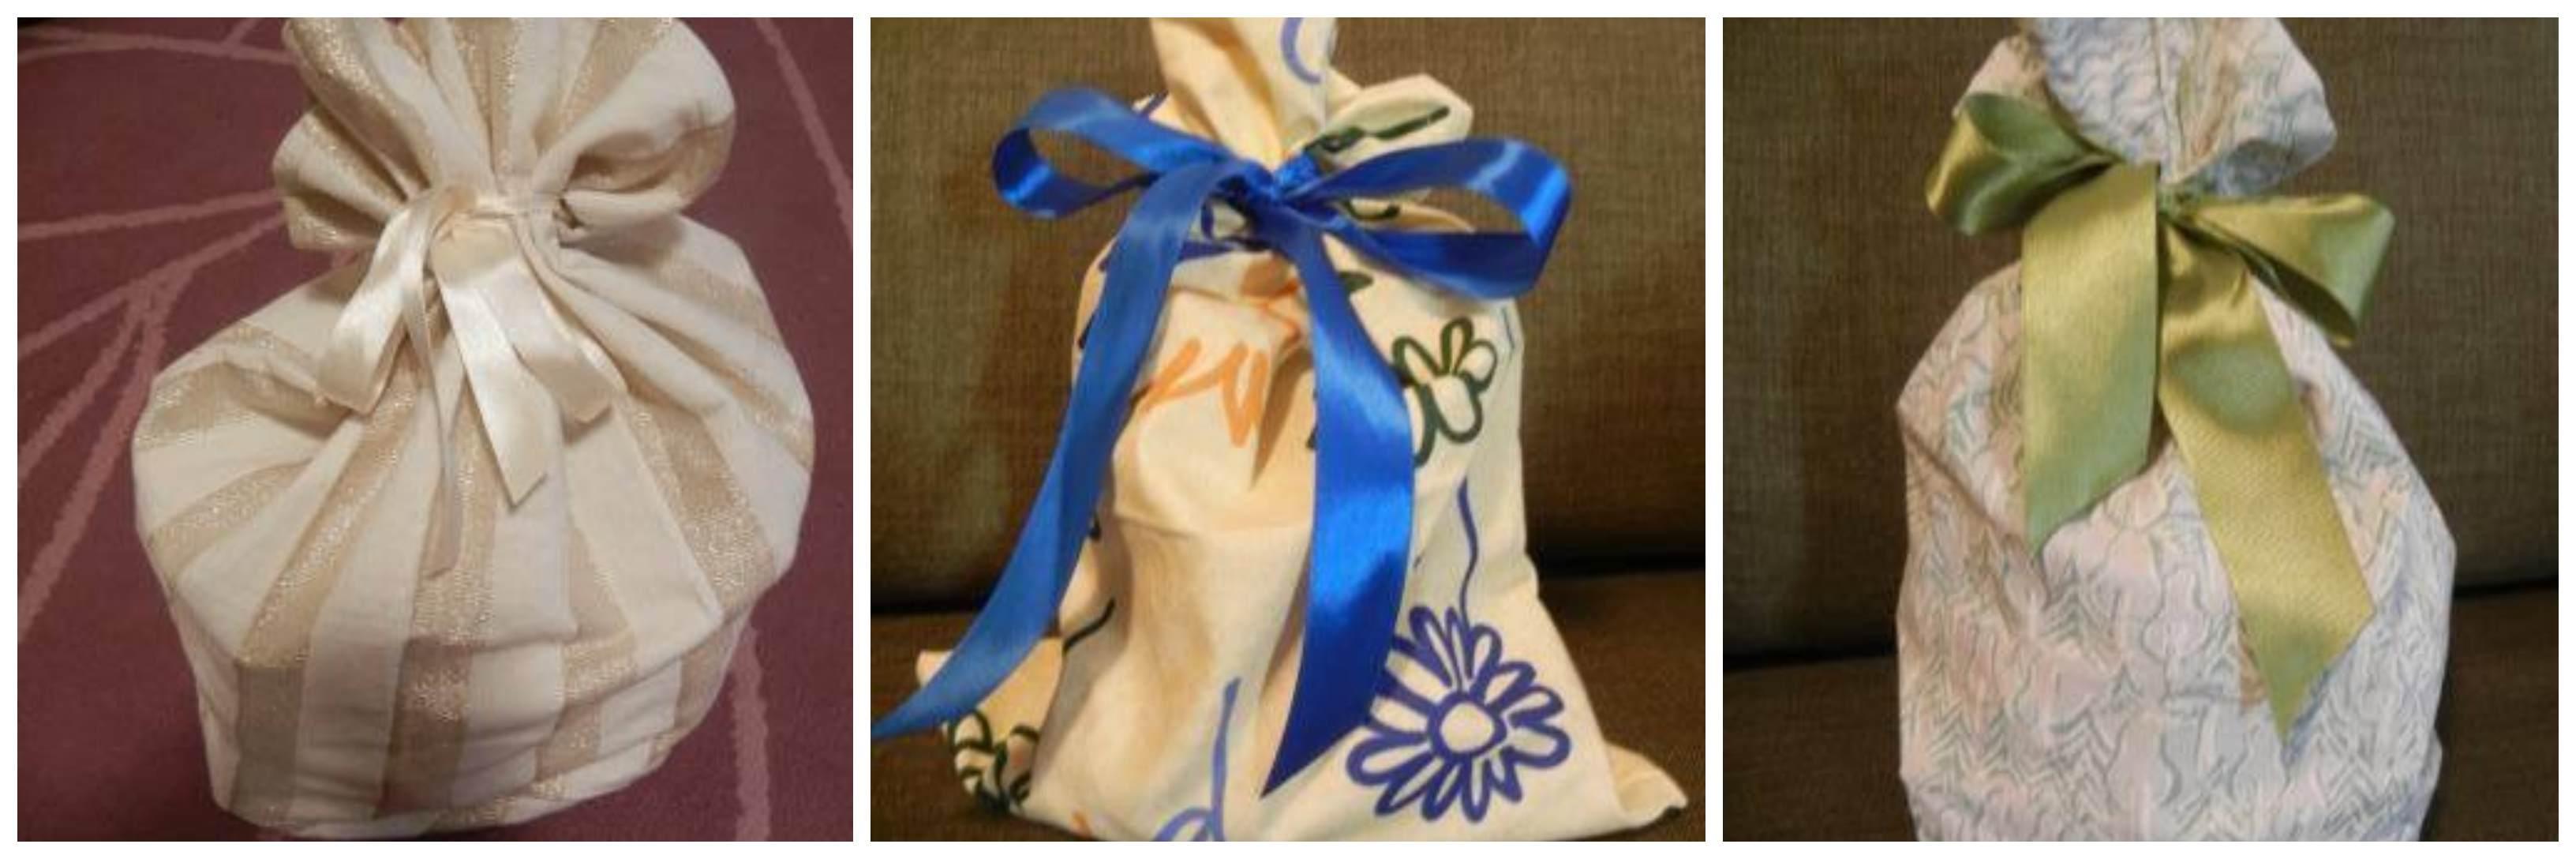 Sacchetti per regali natalizi, si possono preparare con scampoli di stoffa. E anche con vecchie federe, tela di juta e t-shirt che non usate più (foto)